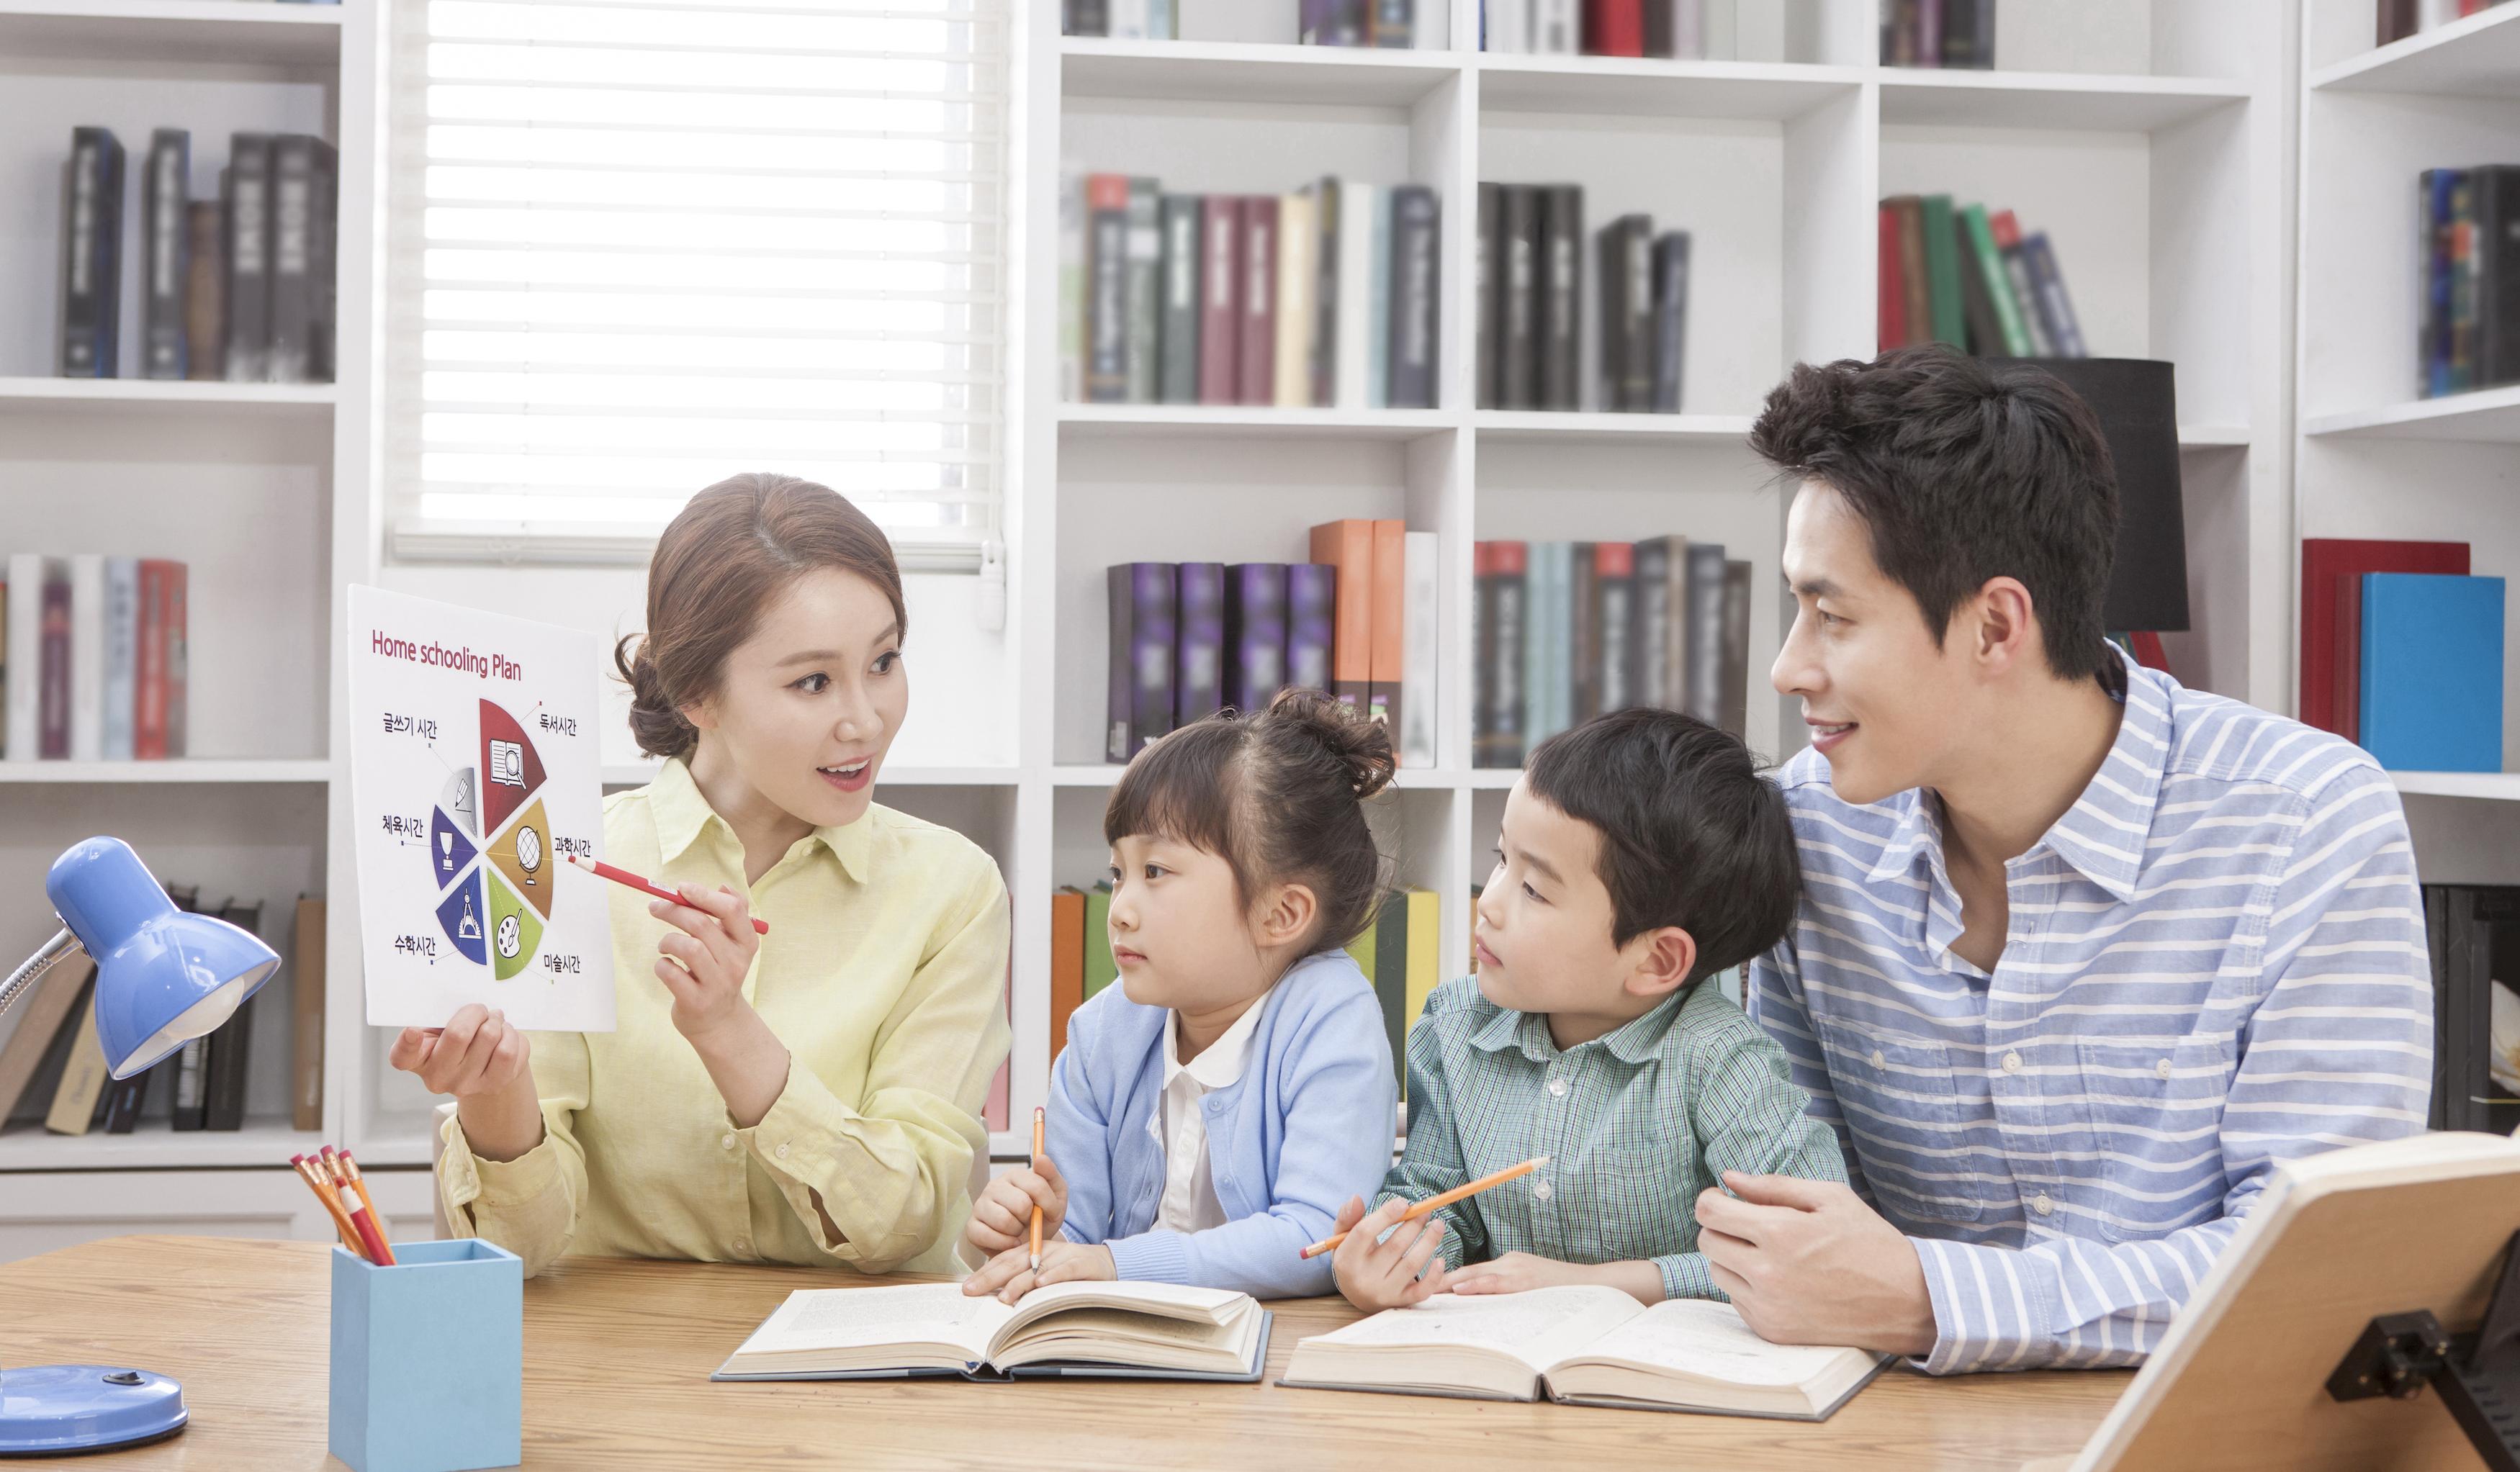 摩登5登录上海家庭教育大礼包来了:60堂精品课向家长免费开放